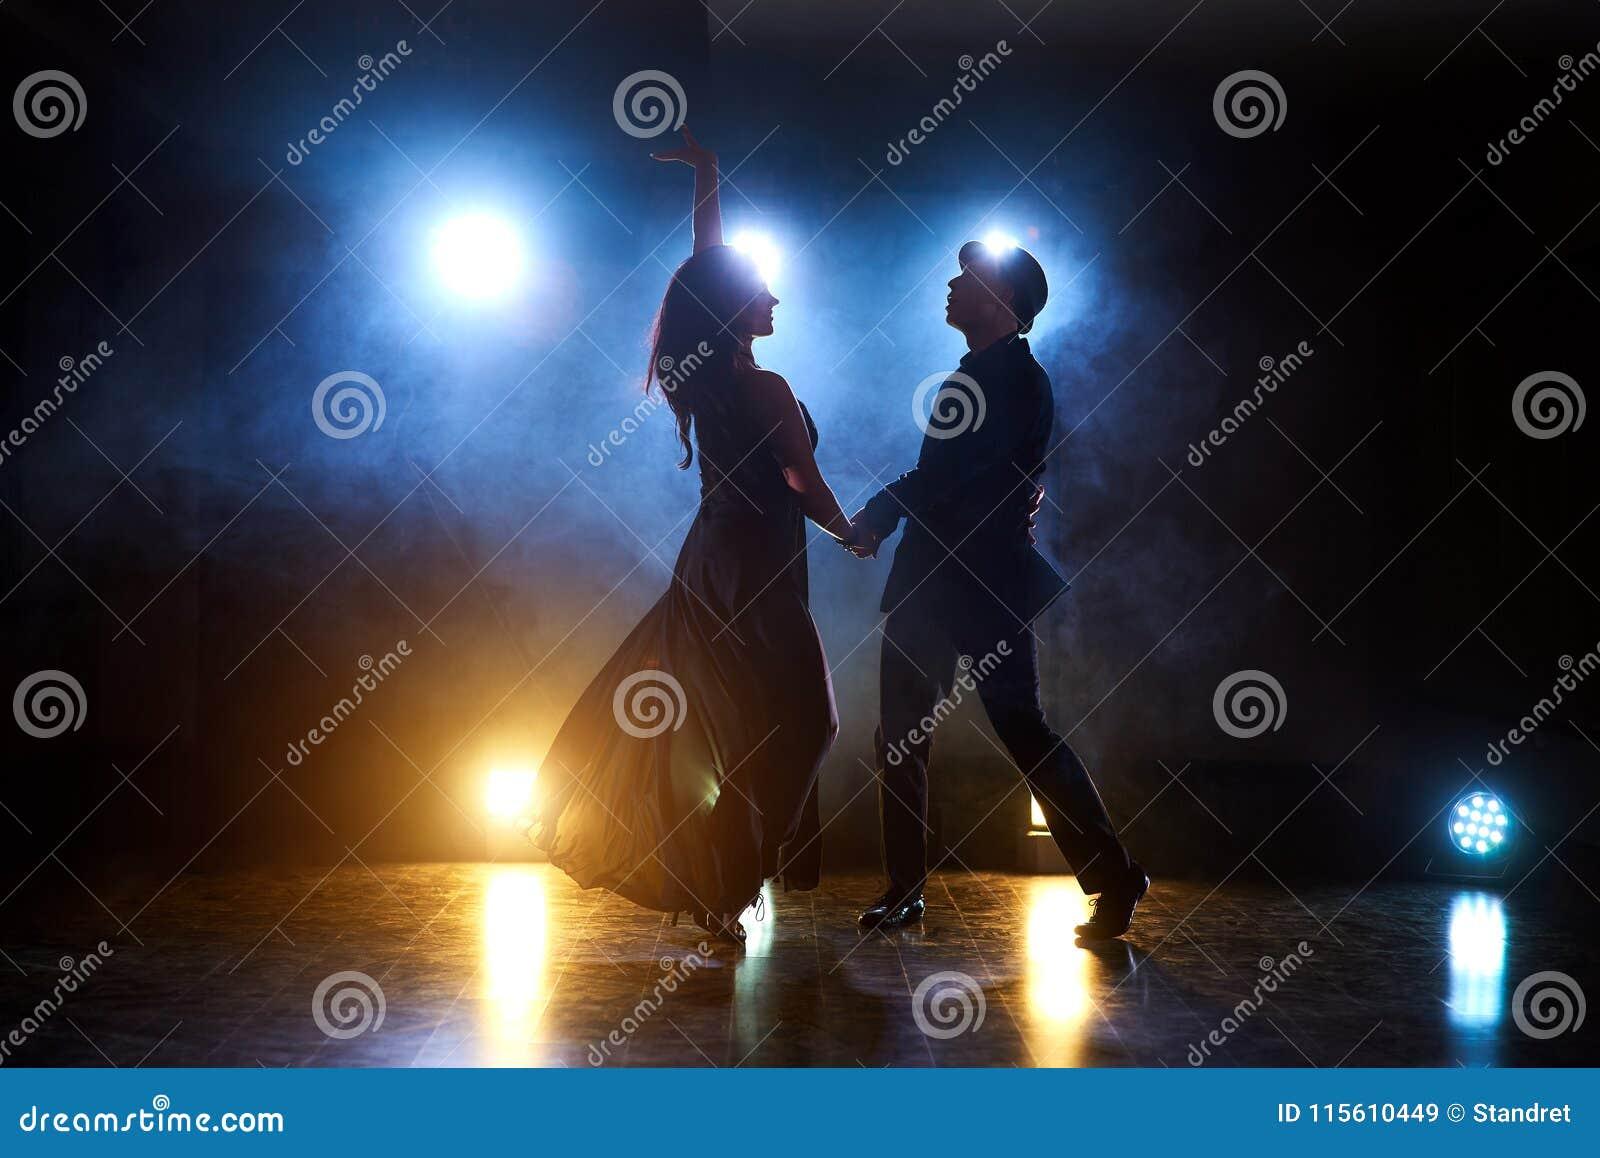 Επιδέξιοι χορευτές που αποδίδουν στο σκοτεινό δωμάτιο κάτω από το φως και τον καπνό συναυλίας Αισθησιακό ζεύγος που εκτελεί έναν